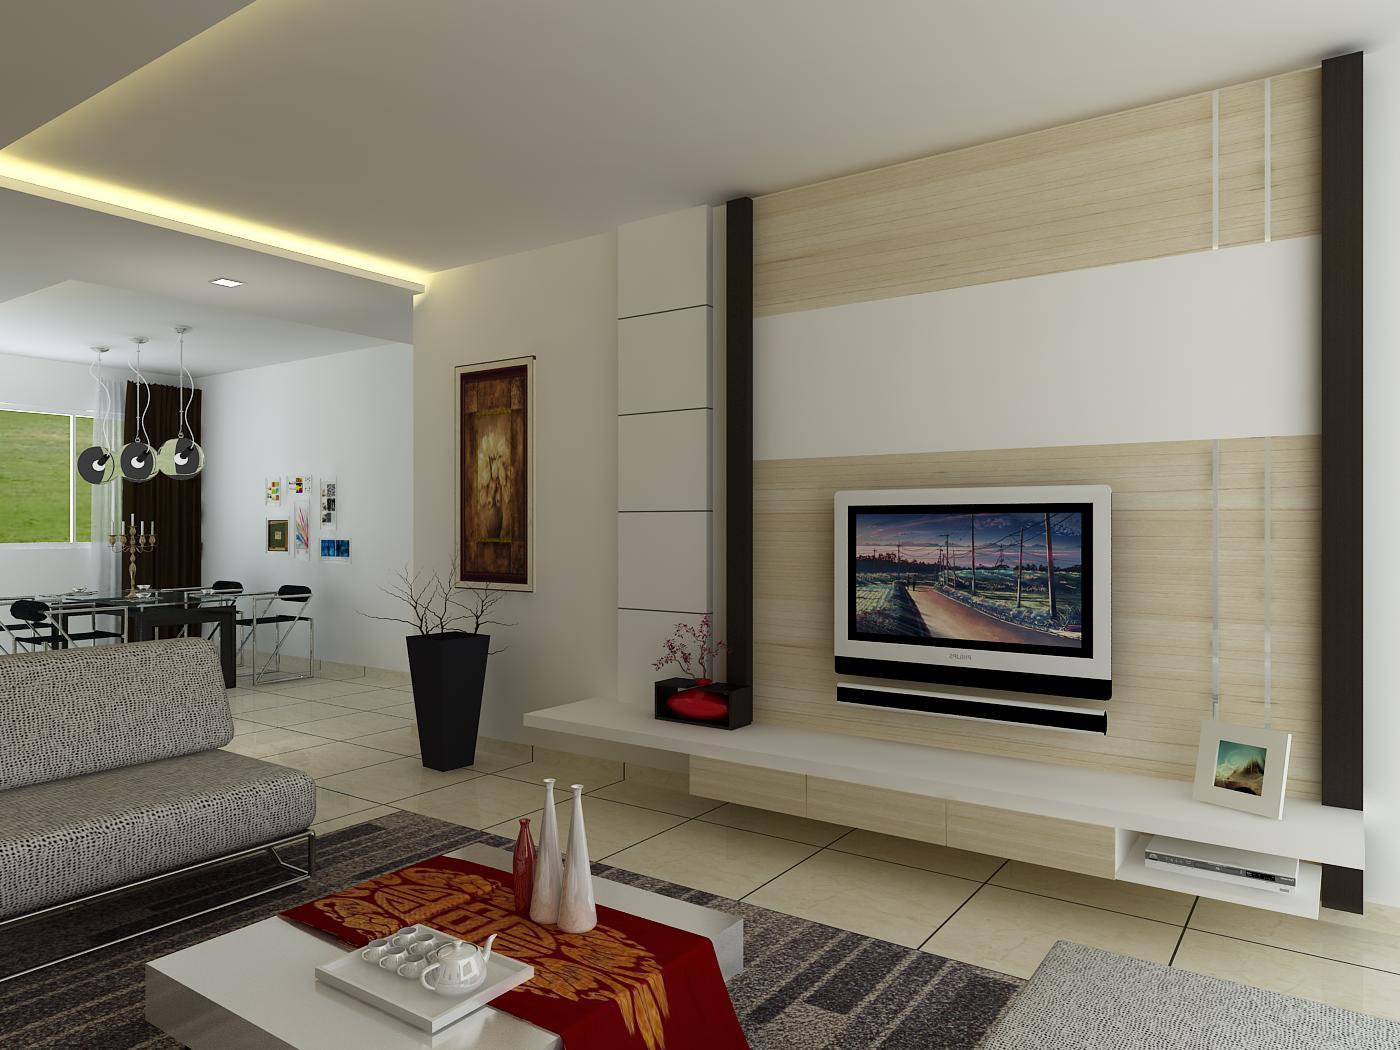 Giấy dán tường phòng khách đẹp cho căn hộ chung cư